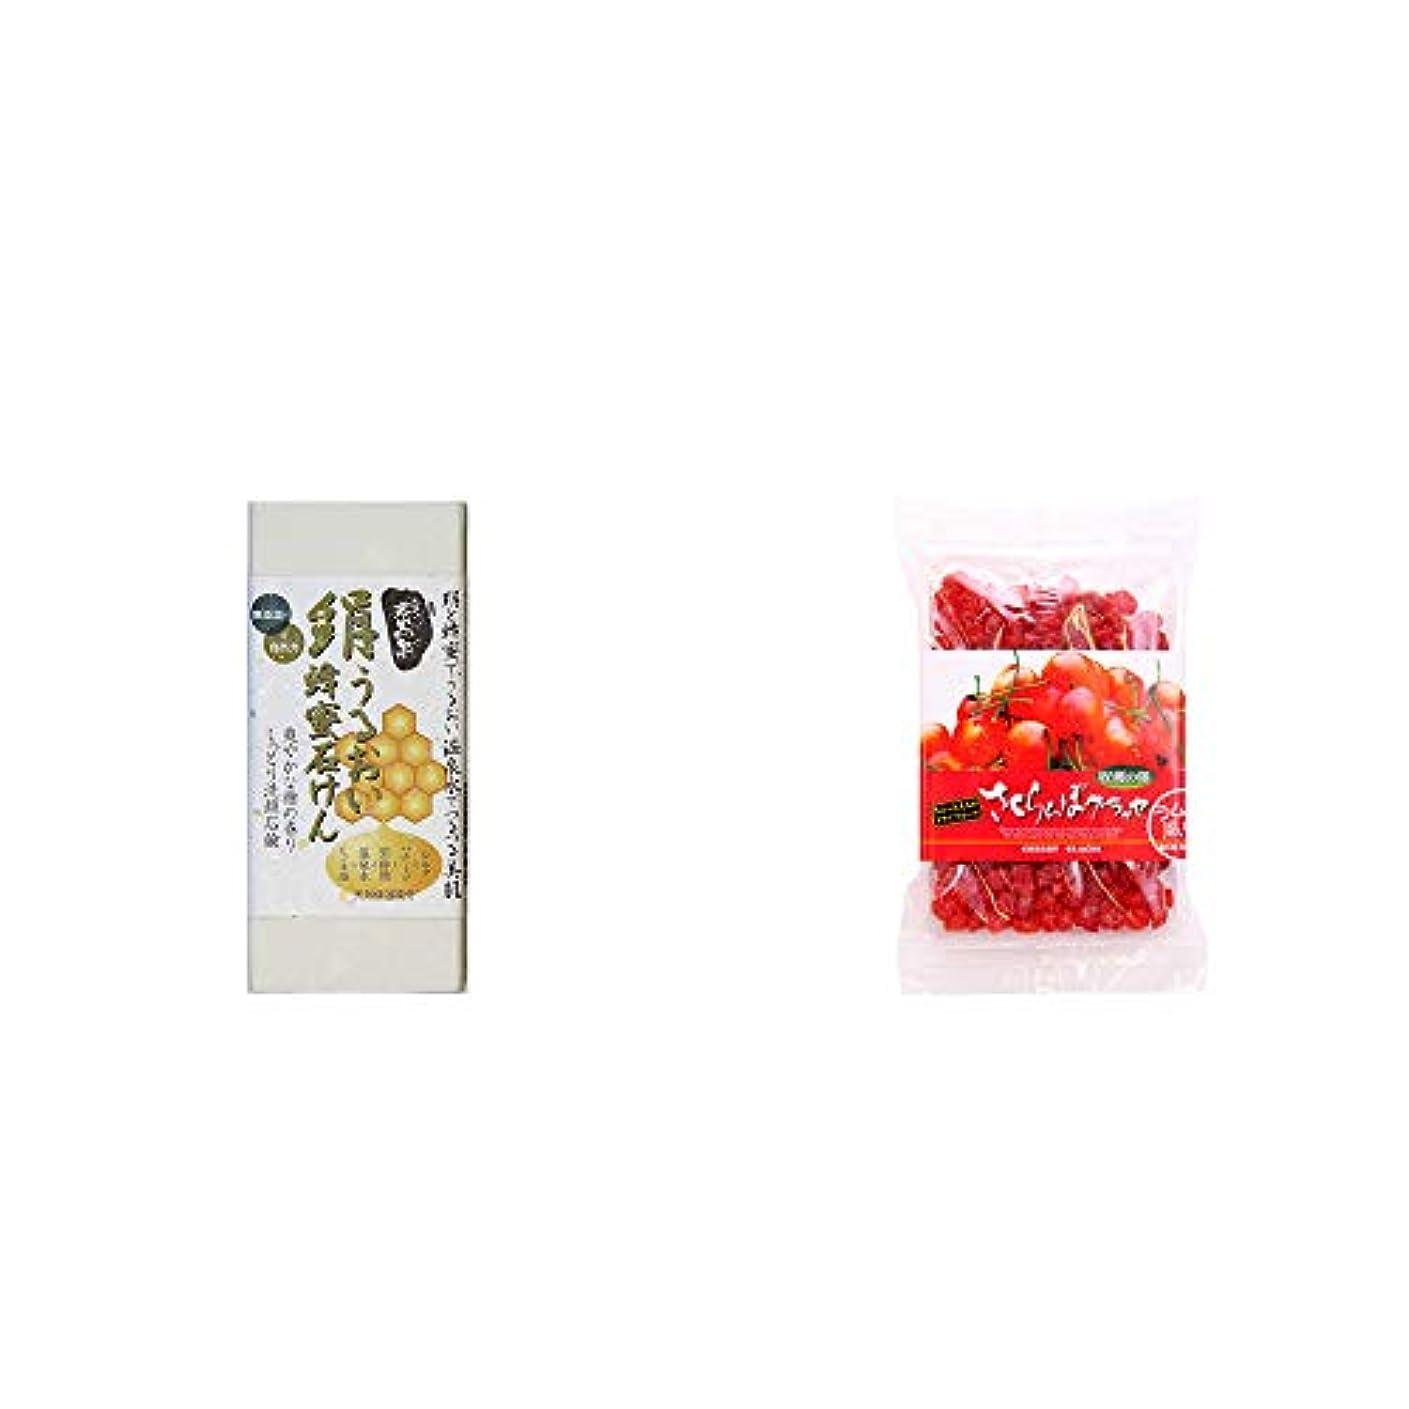 建物繁雑同情的[2点セット] ひのき炭黒泉 絹うるおい蜂蜜石けん(75g×2)?収穫の朝 さくらんぼグラッセ ラム酒風味(180g)